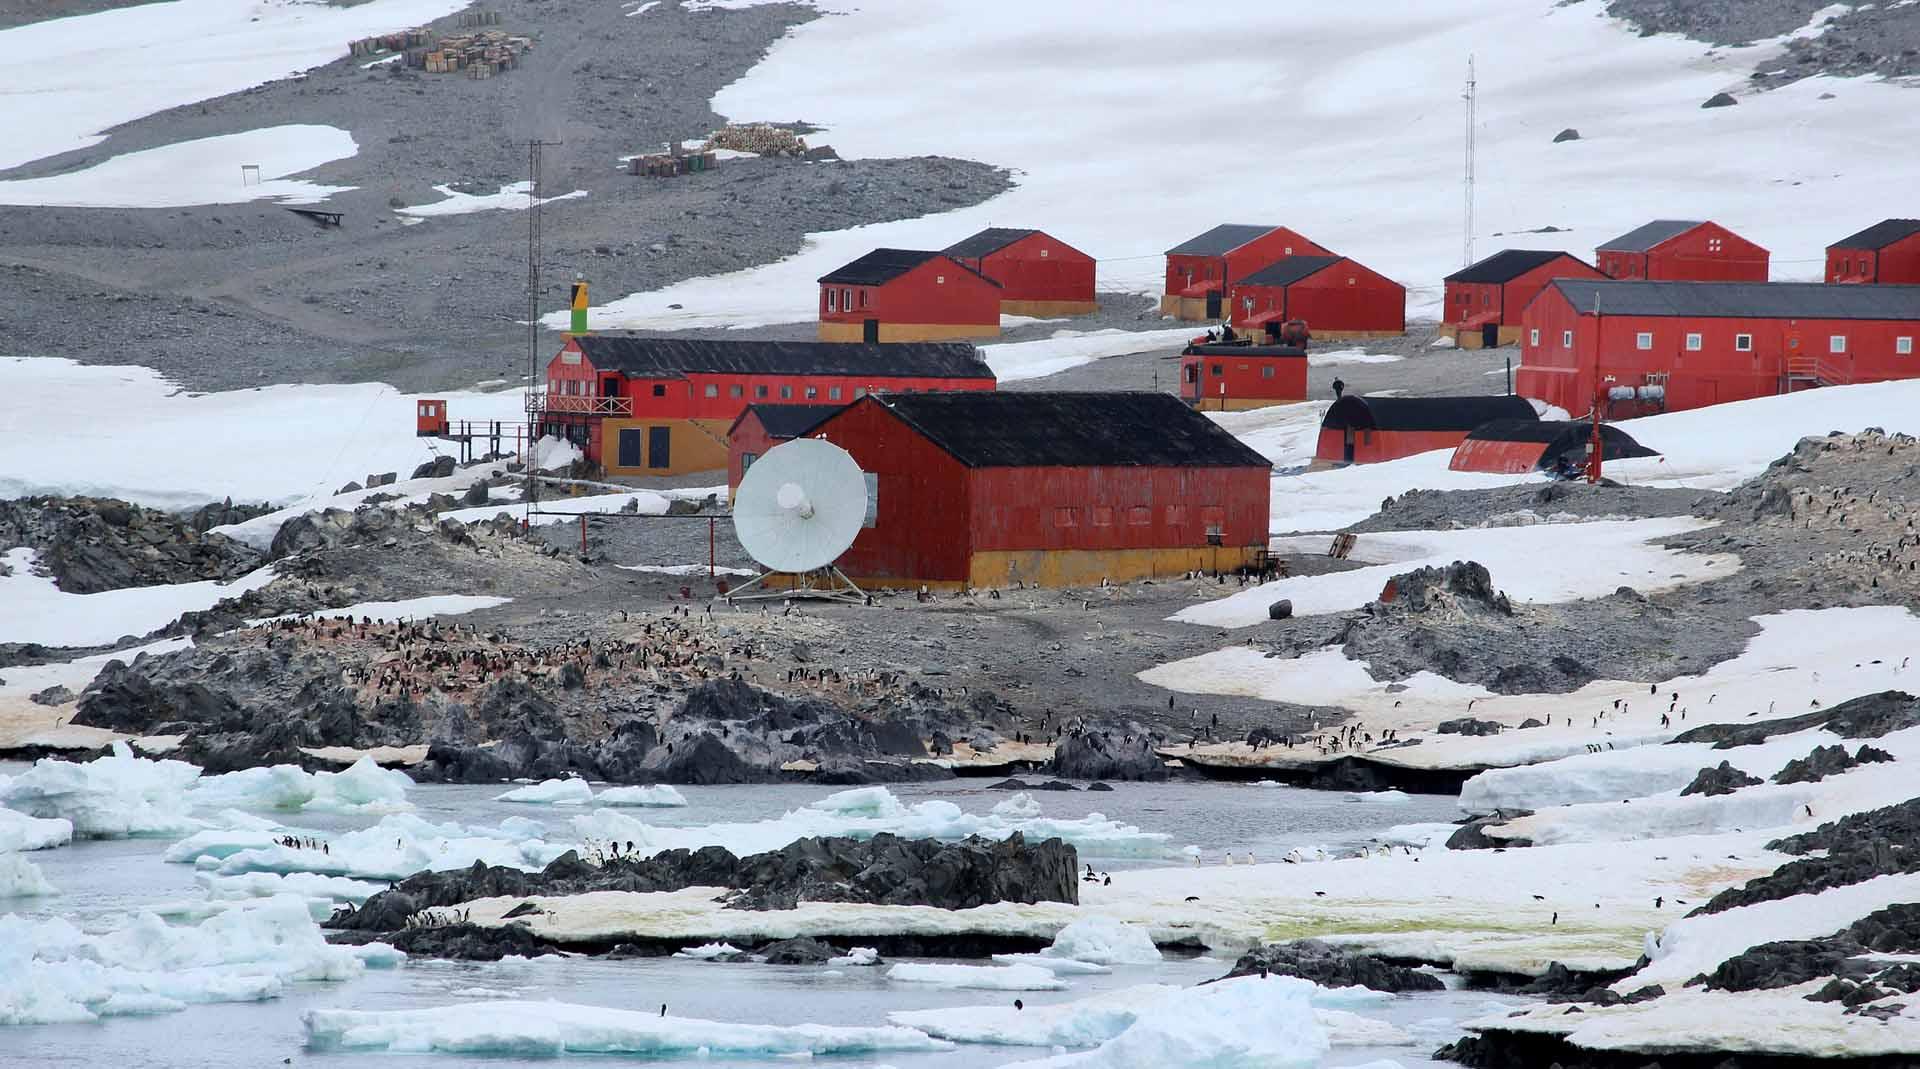 stazione scientifica polo sud viaggi estremi